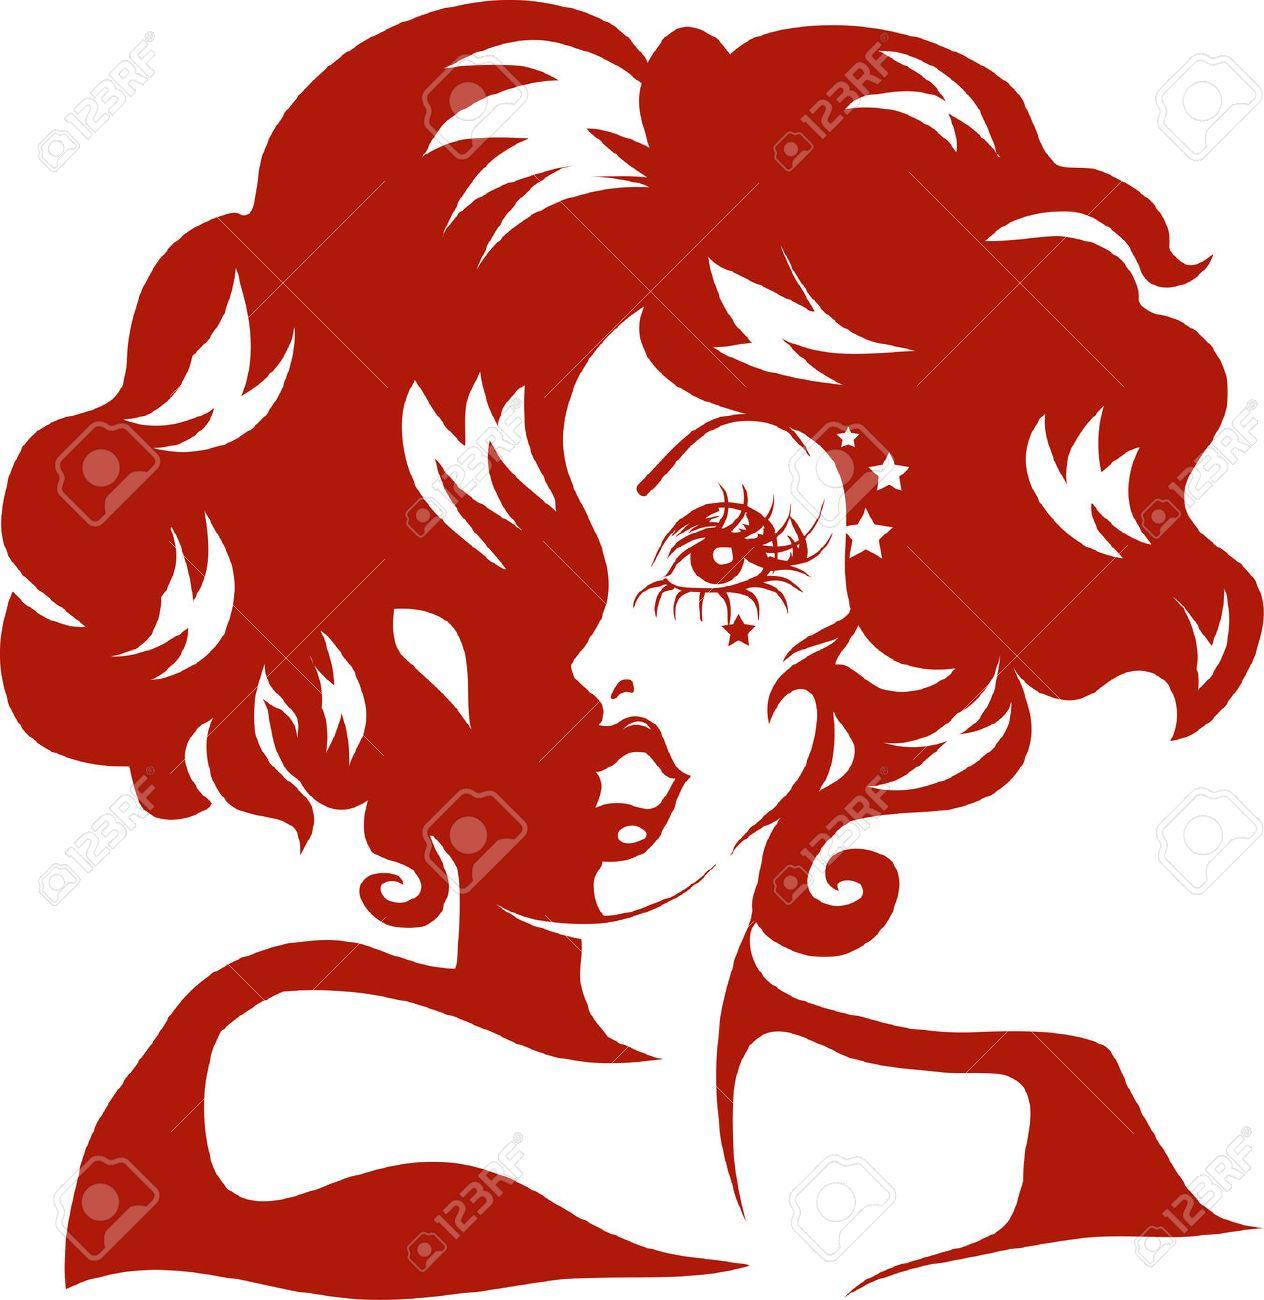 Red Queen illustration #VictoriaAveyard #RedQueen #Book #Books #LaReinaRoja  #Illustration #FanArt | Red queen quotes, Queen drawing, Red queen victoria  aveyard